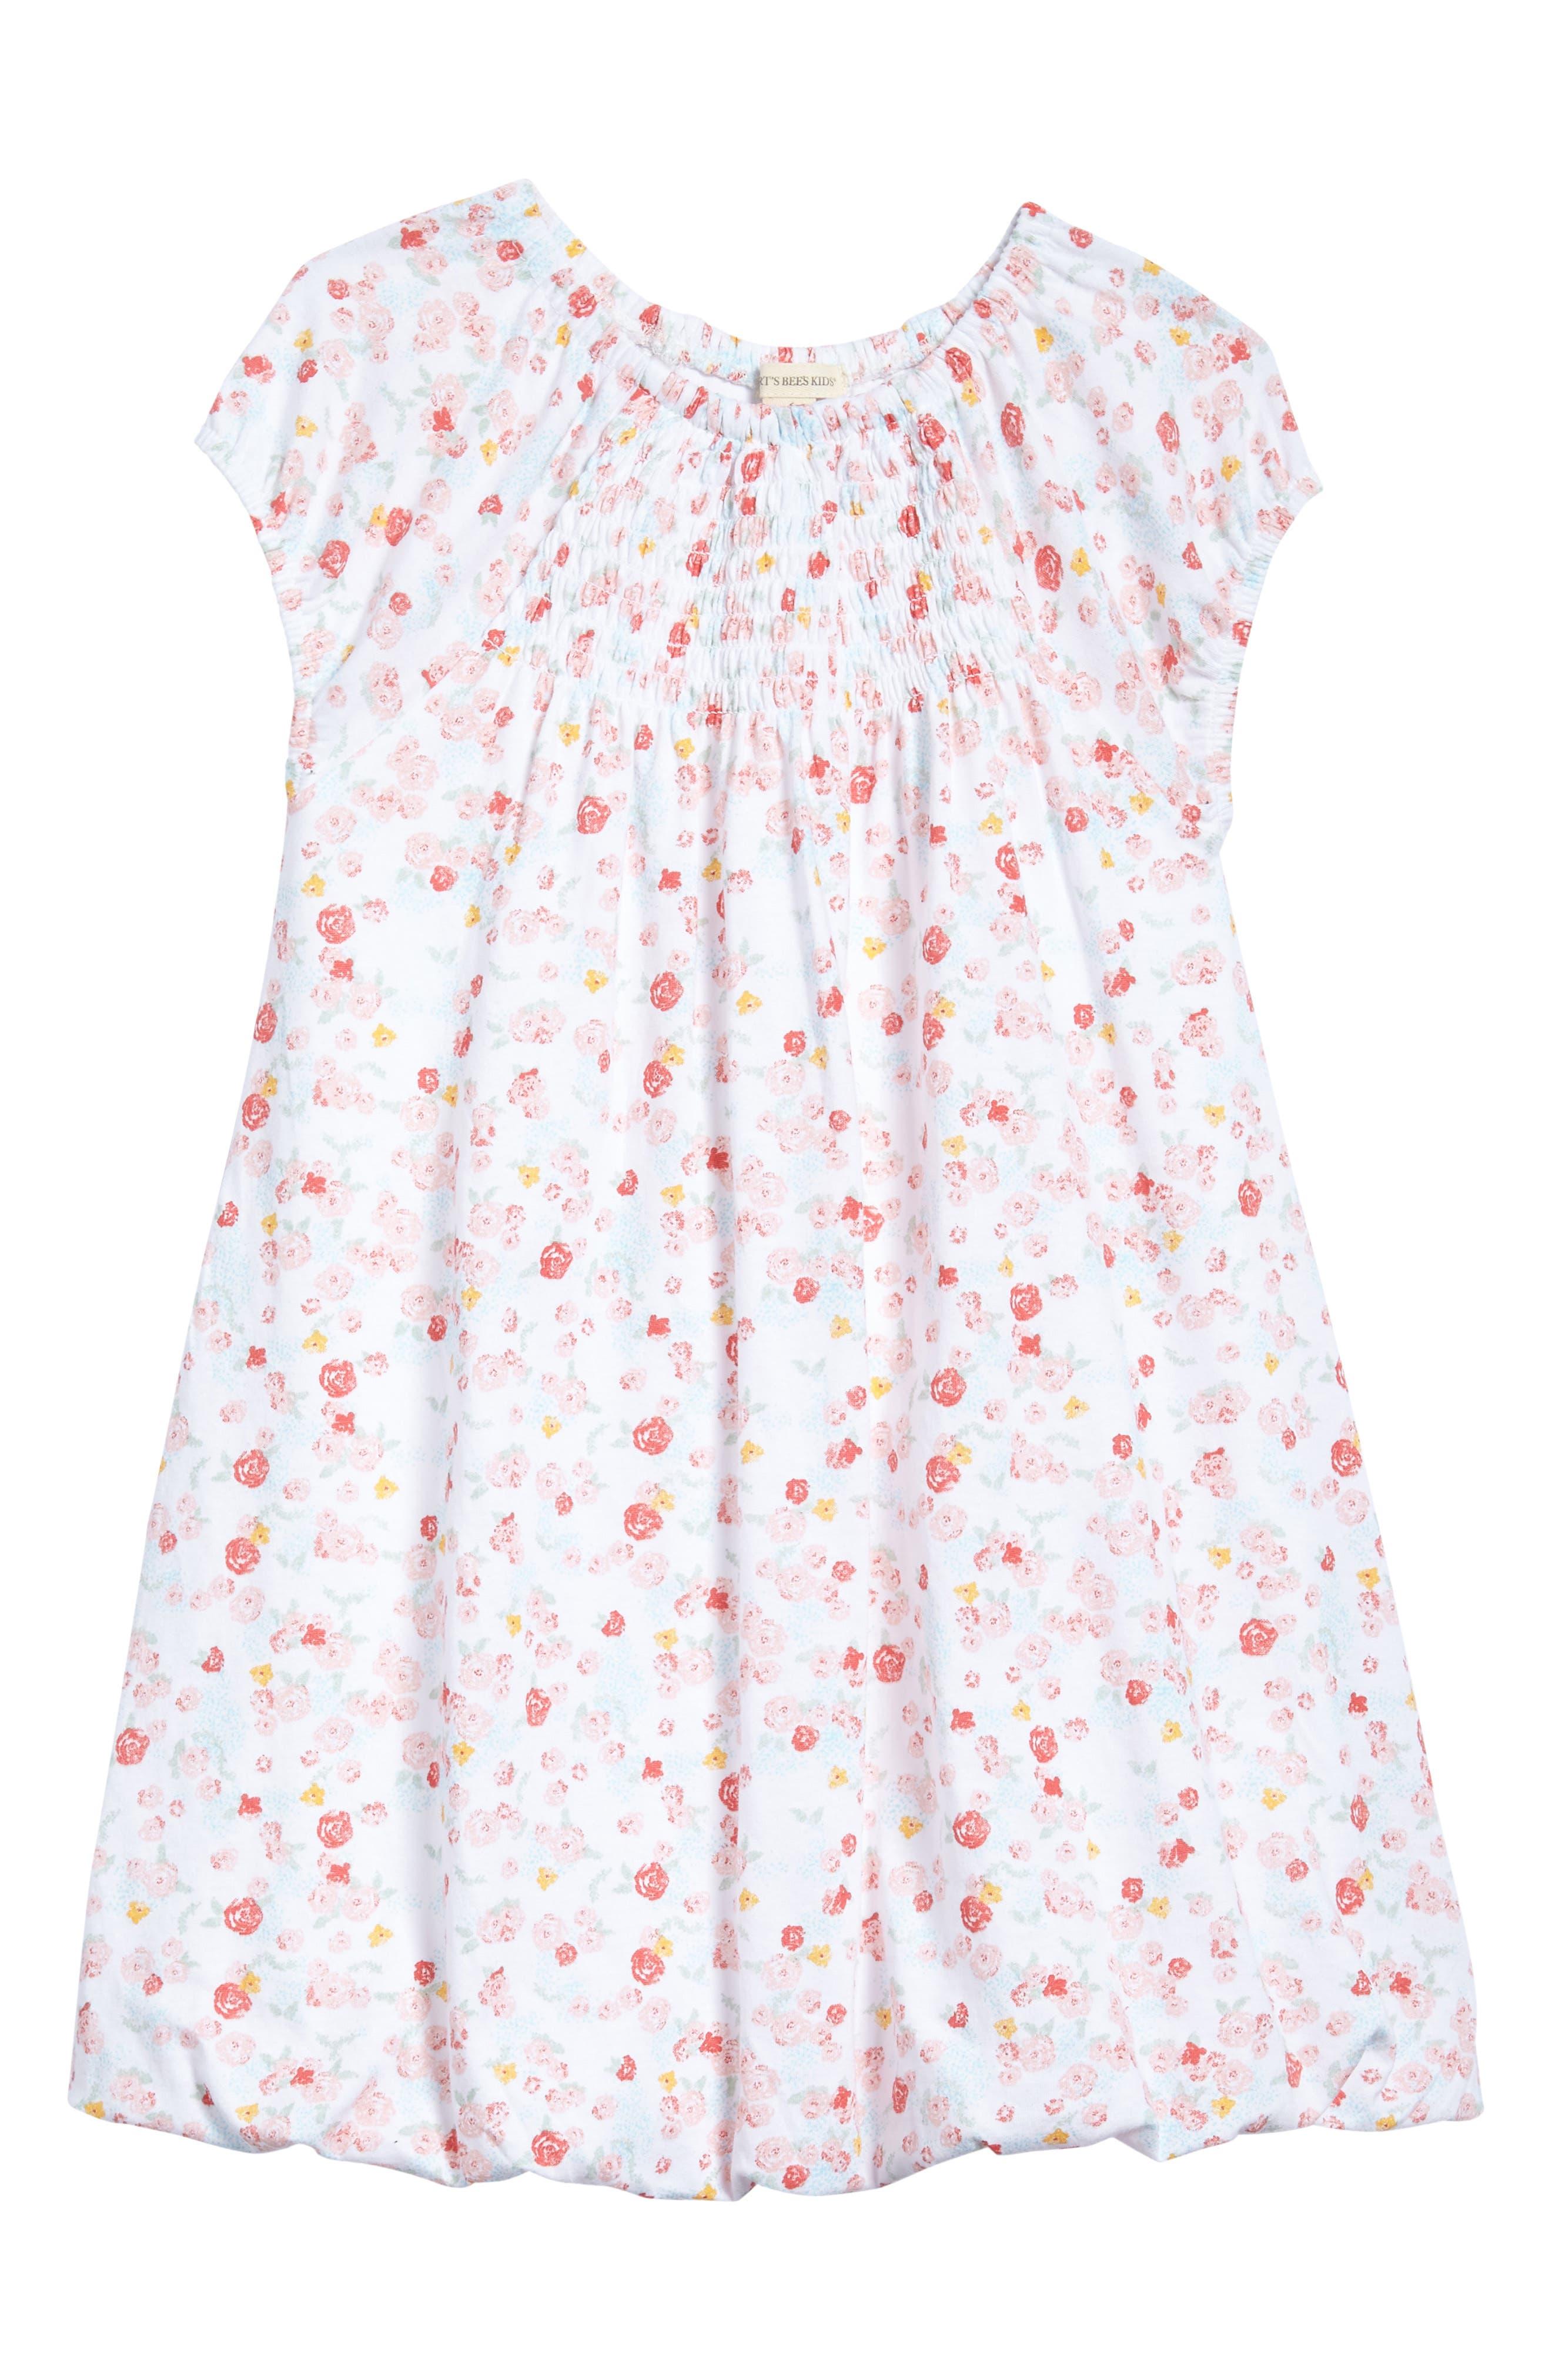 Ditsy Floral Print Bubble Dress,                         Main,                         color,